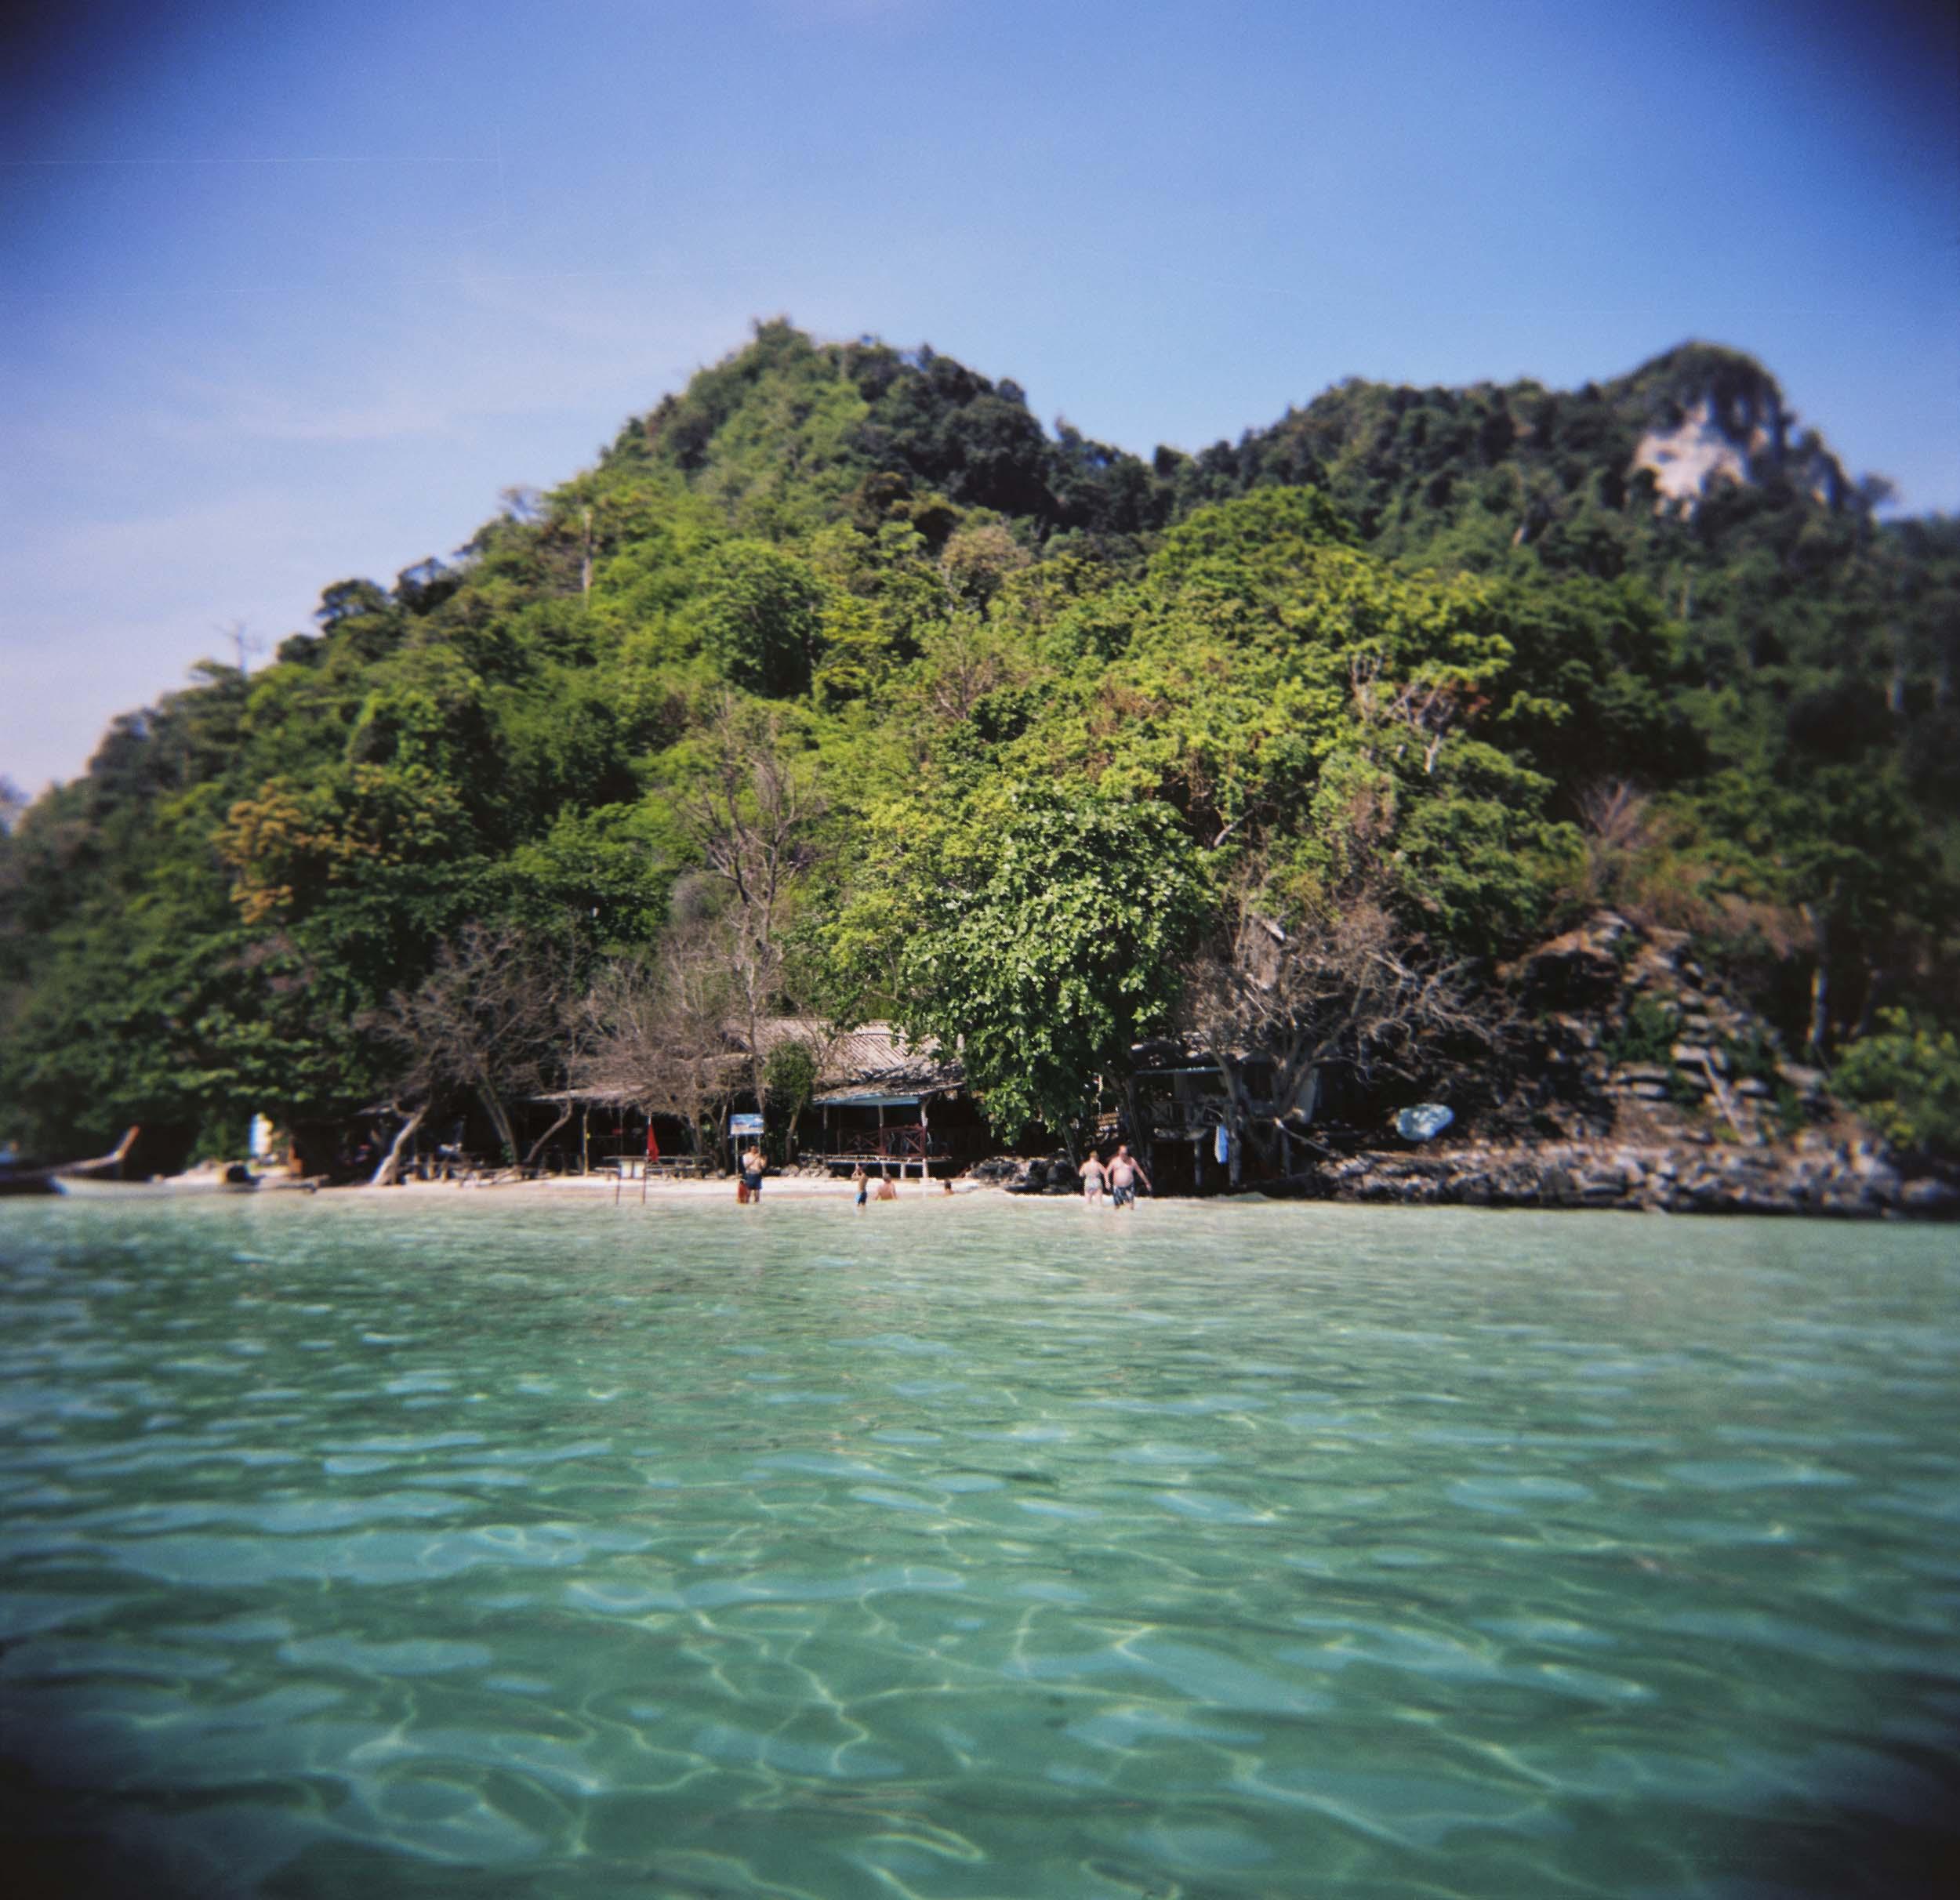 VolaVisuals Krabi Thailand - 006.jpg